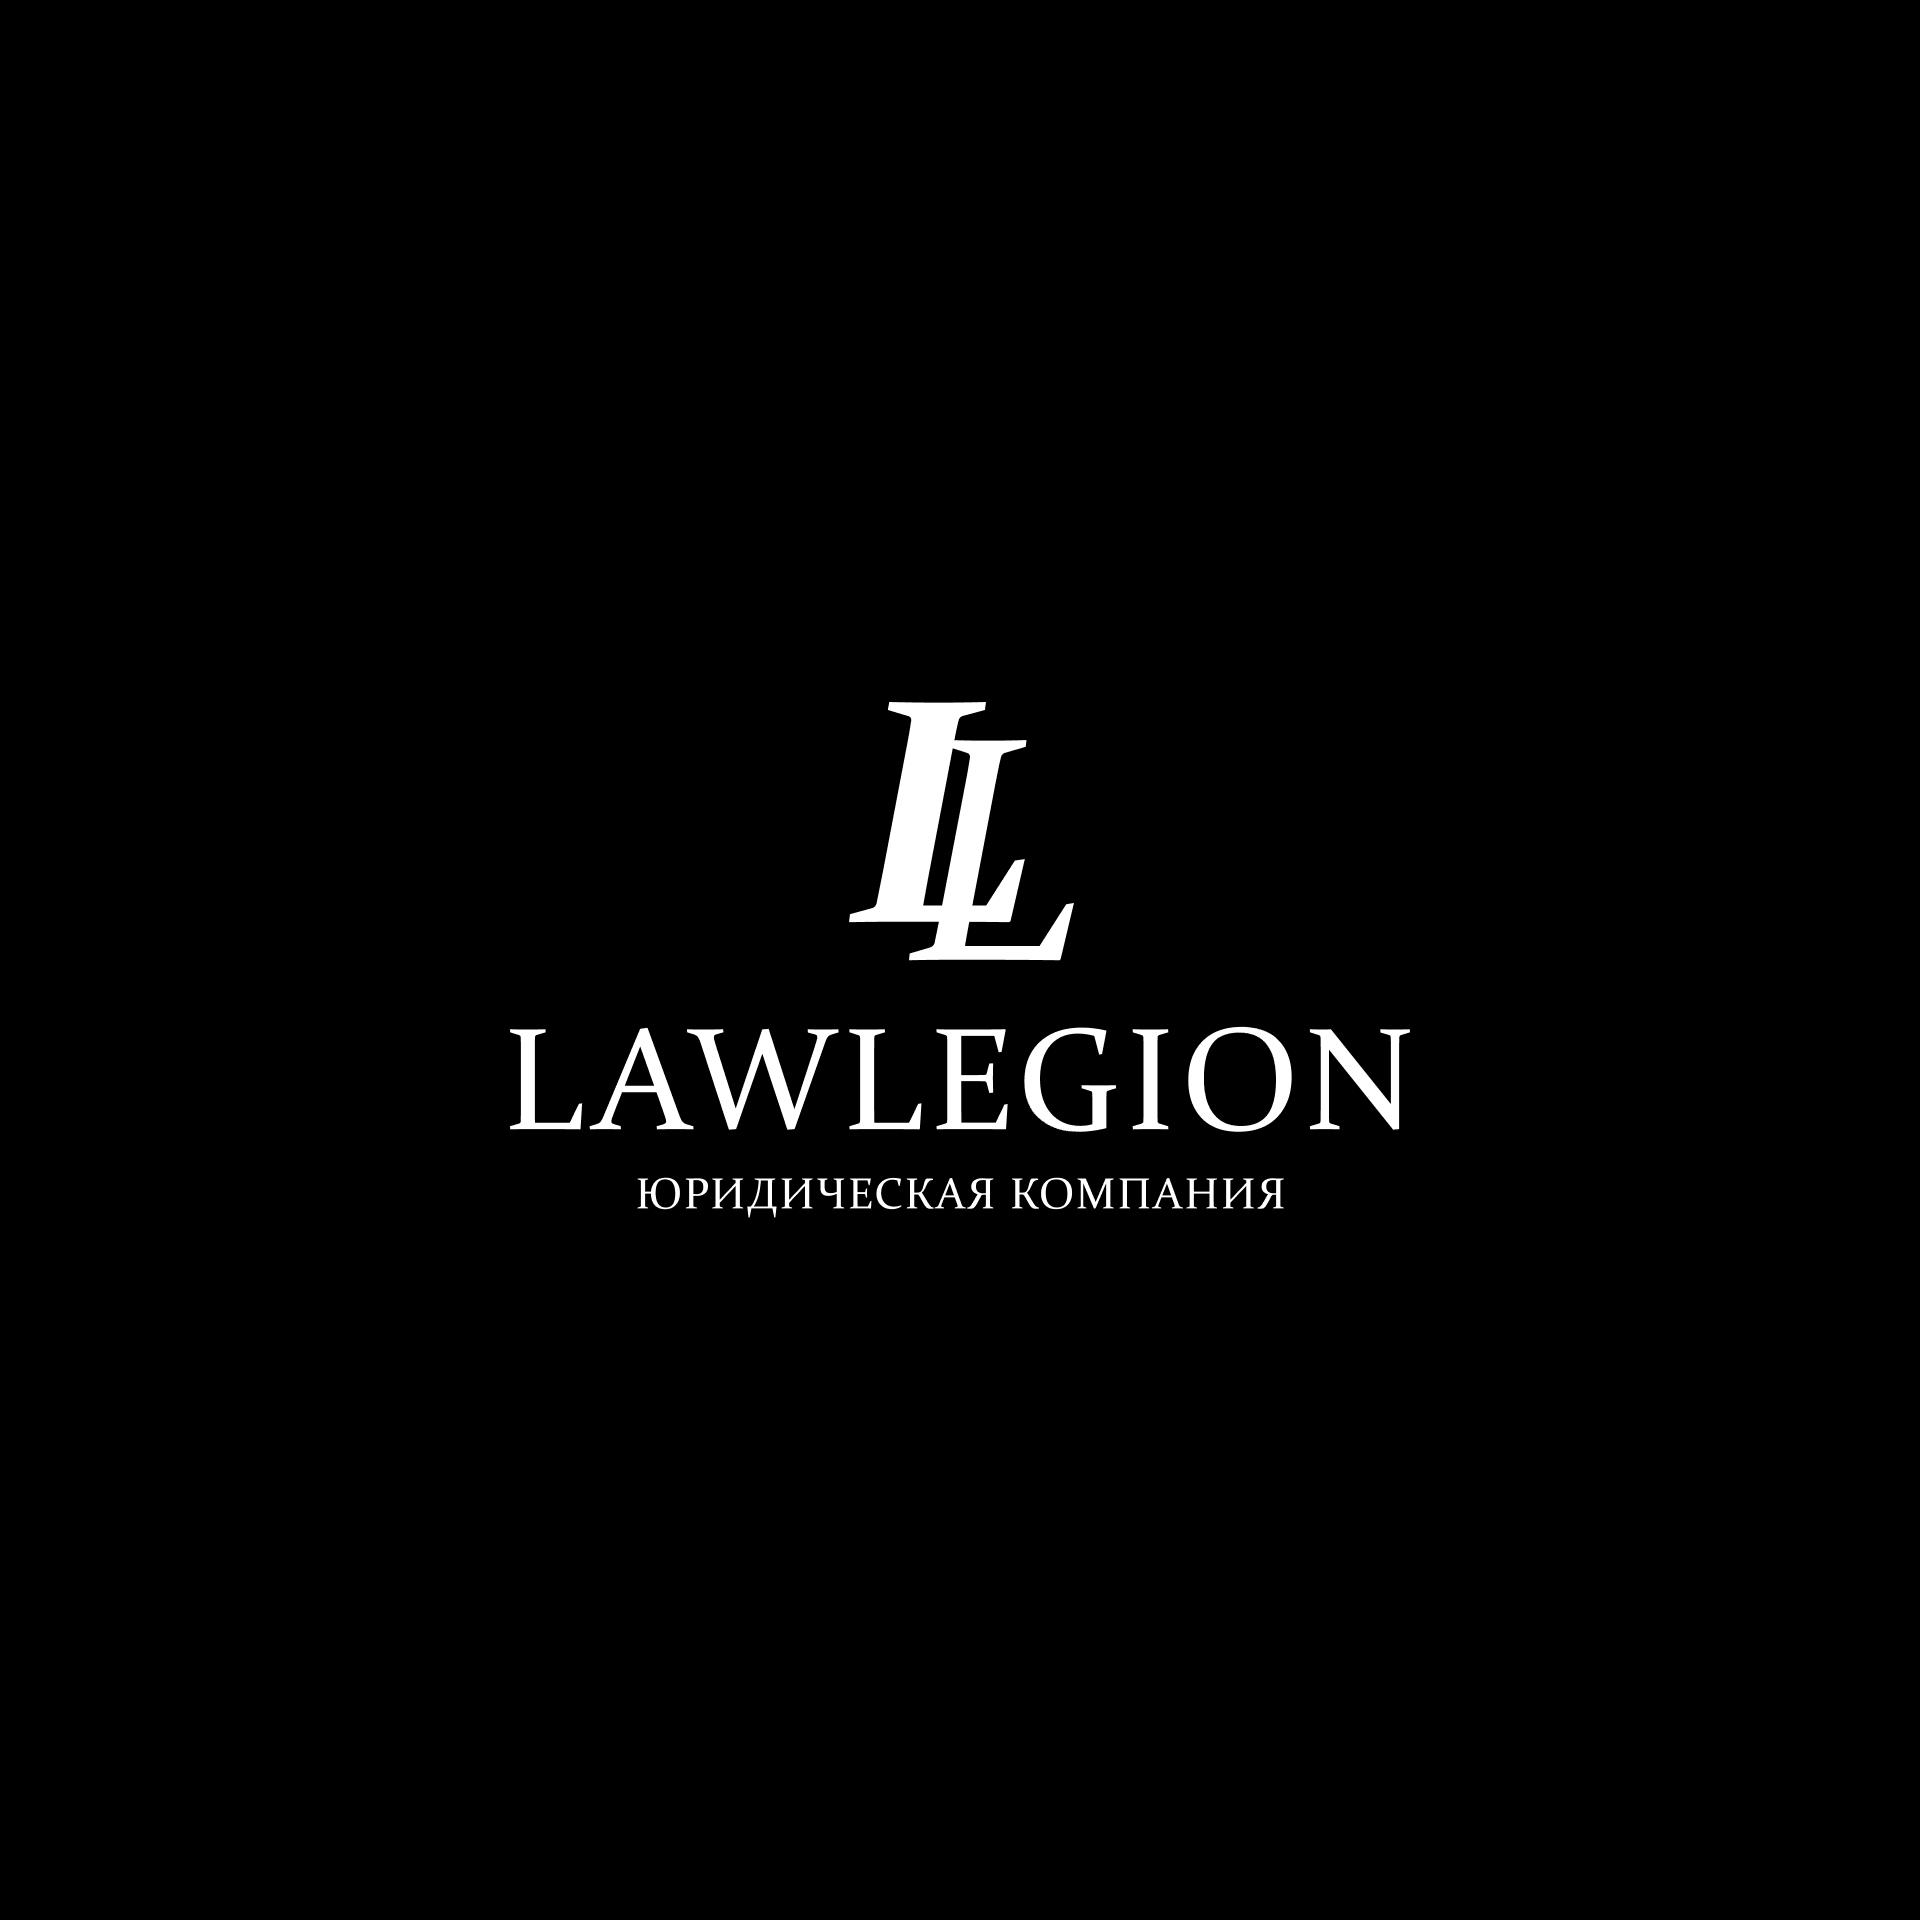 Law legion